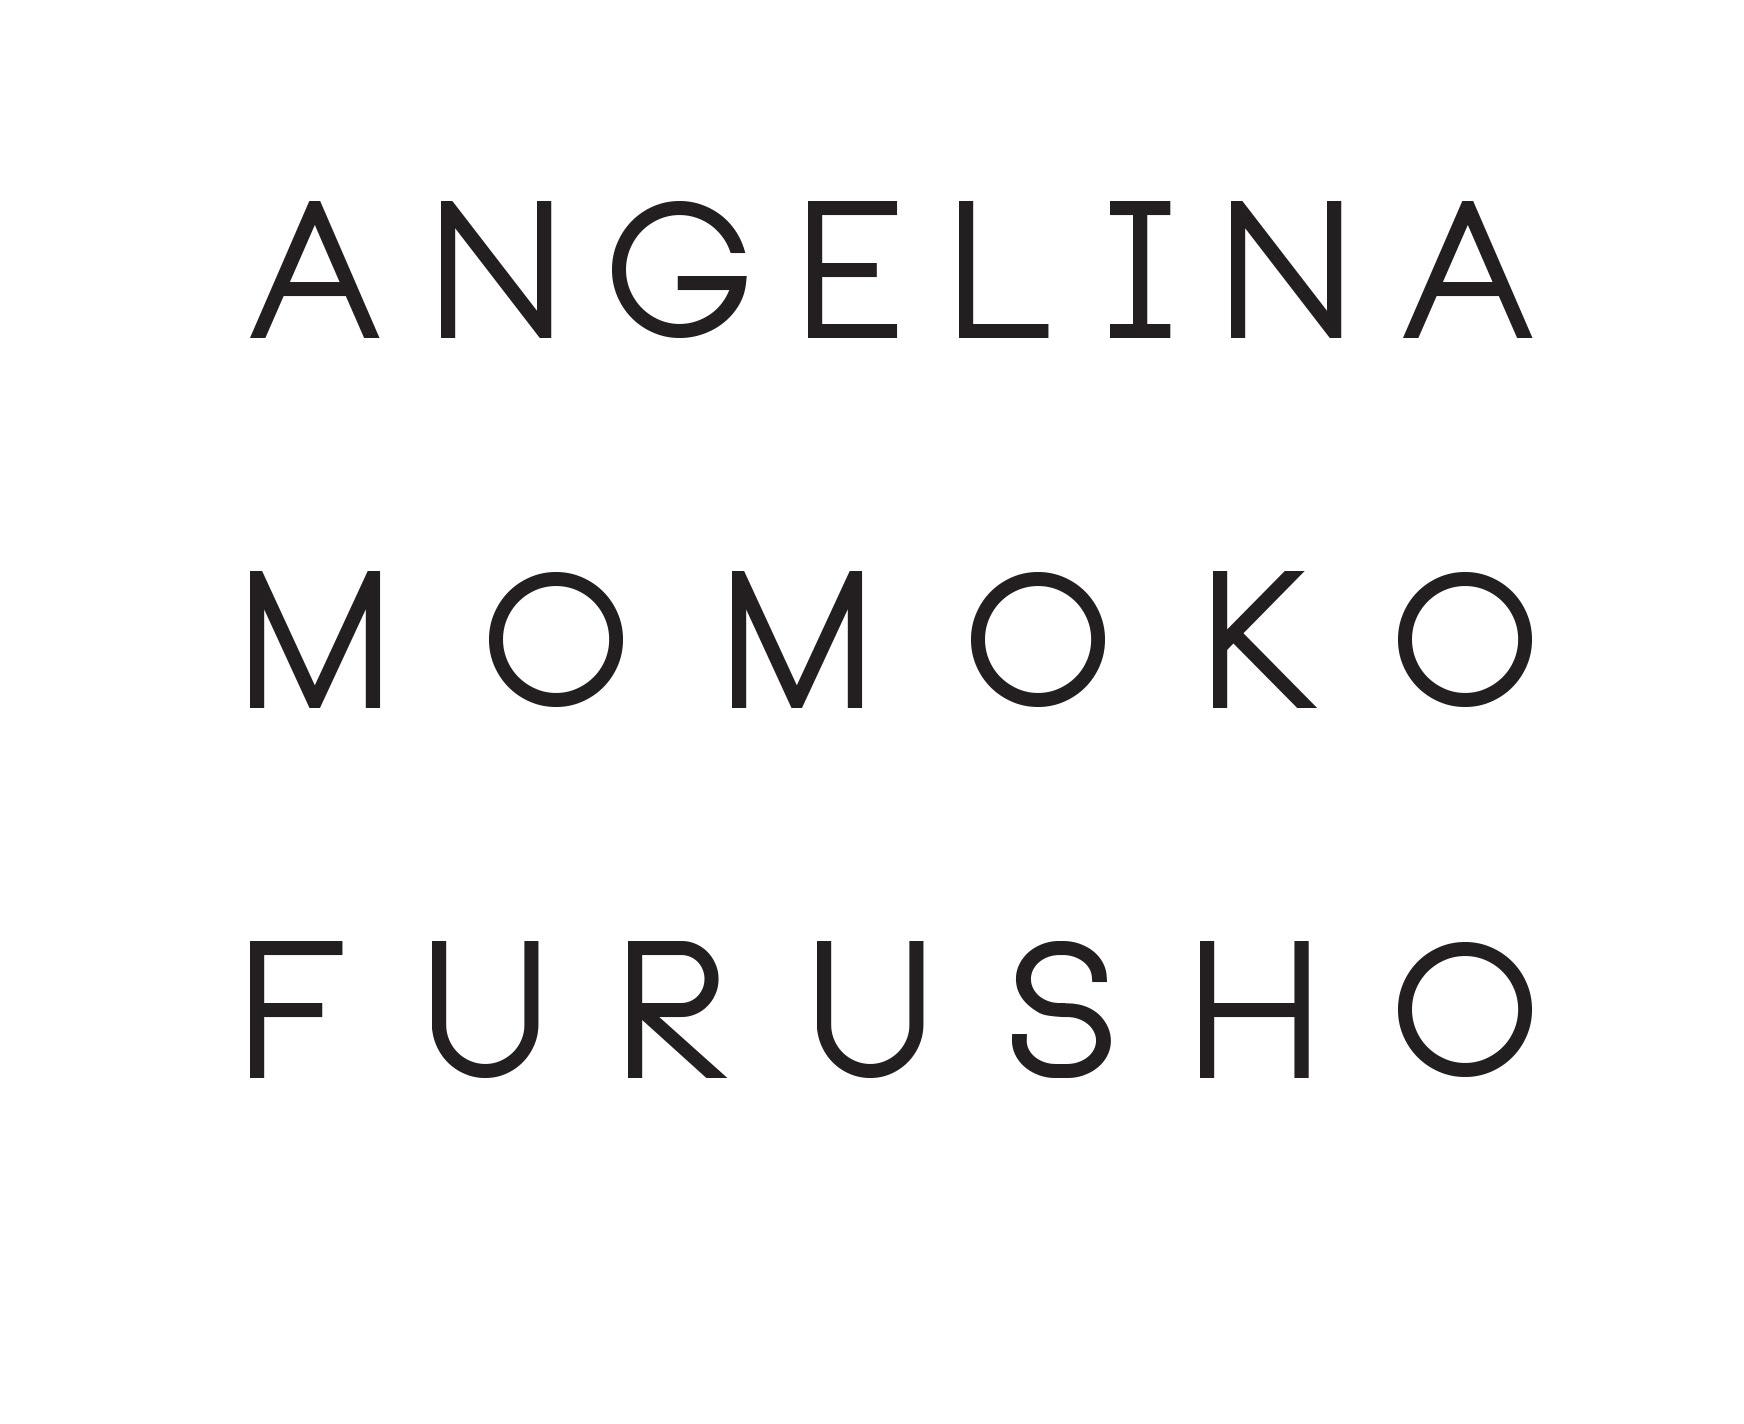 Angelina Furusho